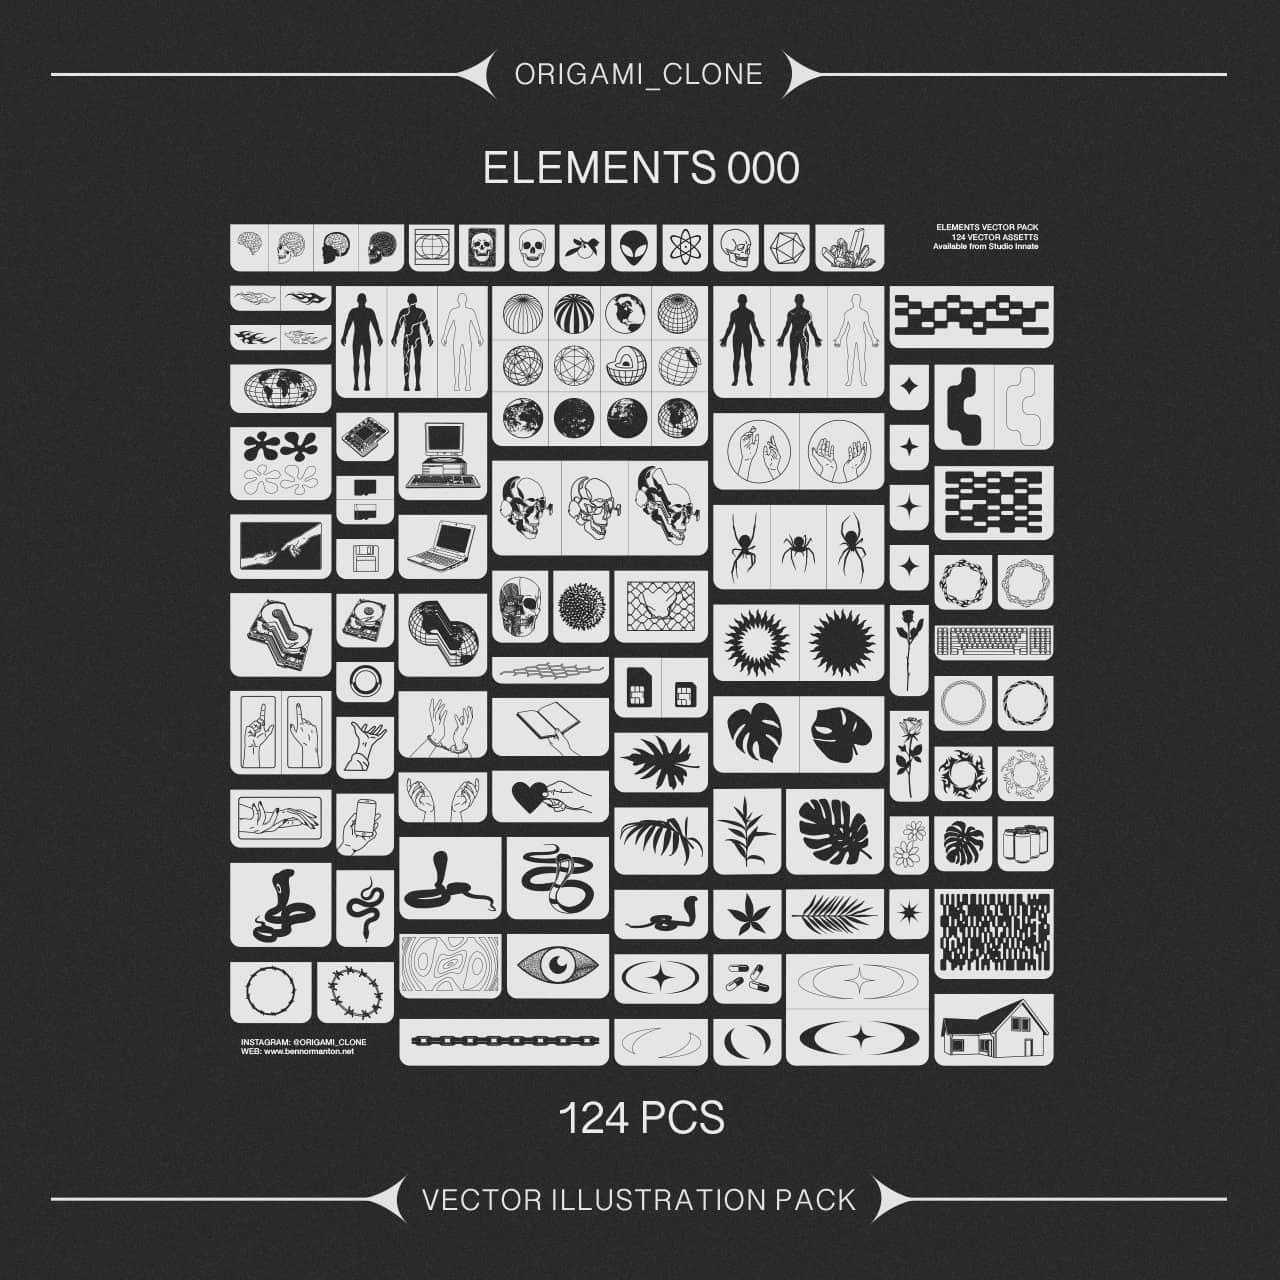 [单独购买] 124款潮流贴纸图标徽标Logo设计矢量素材套装 Studio Innate – Elements 000插图3